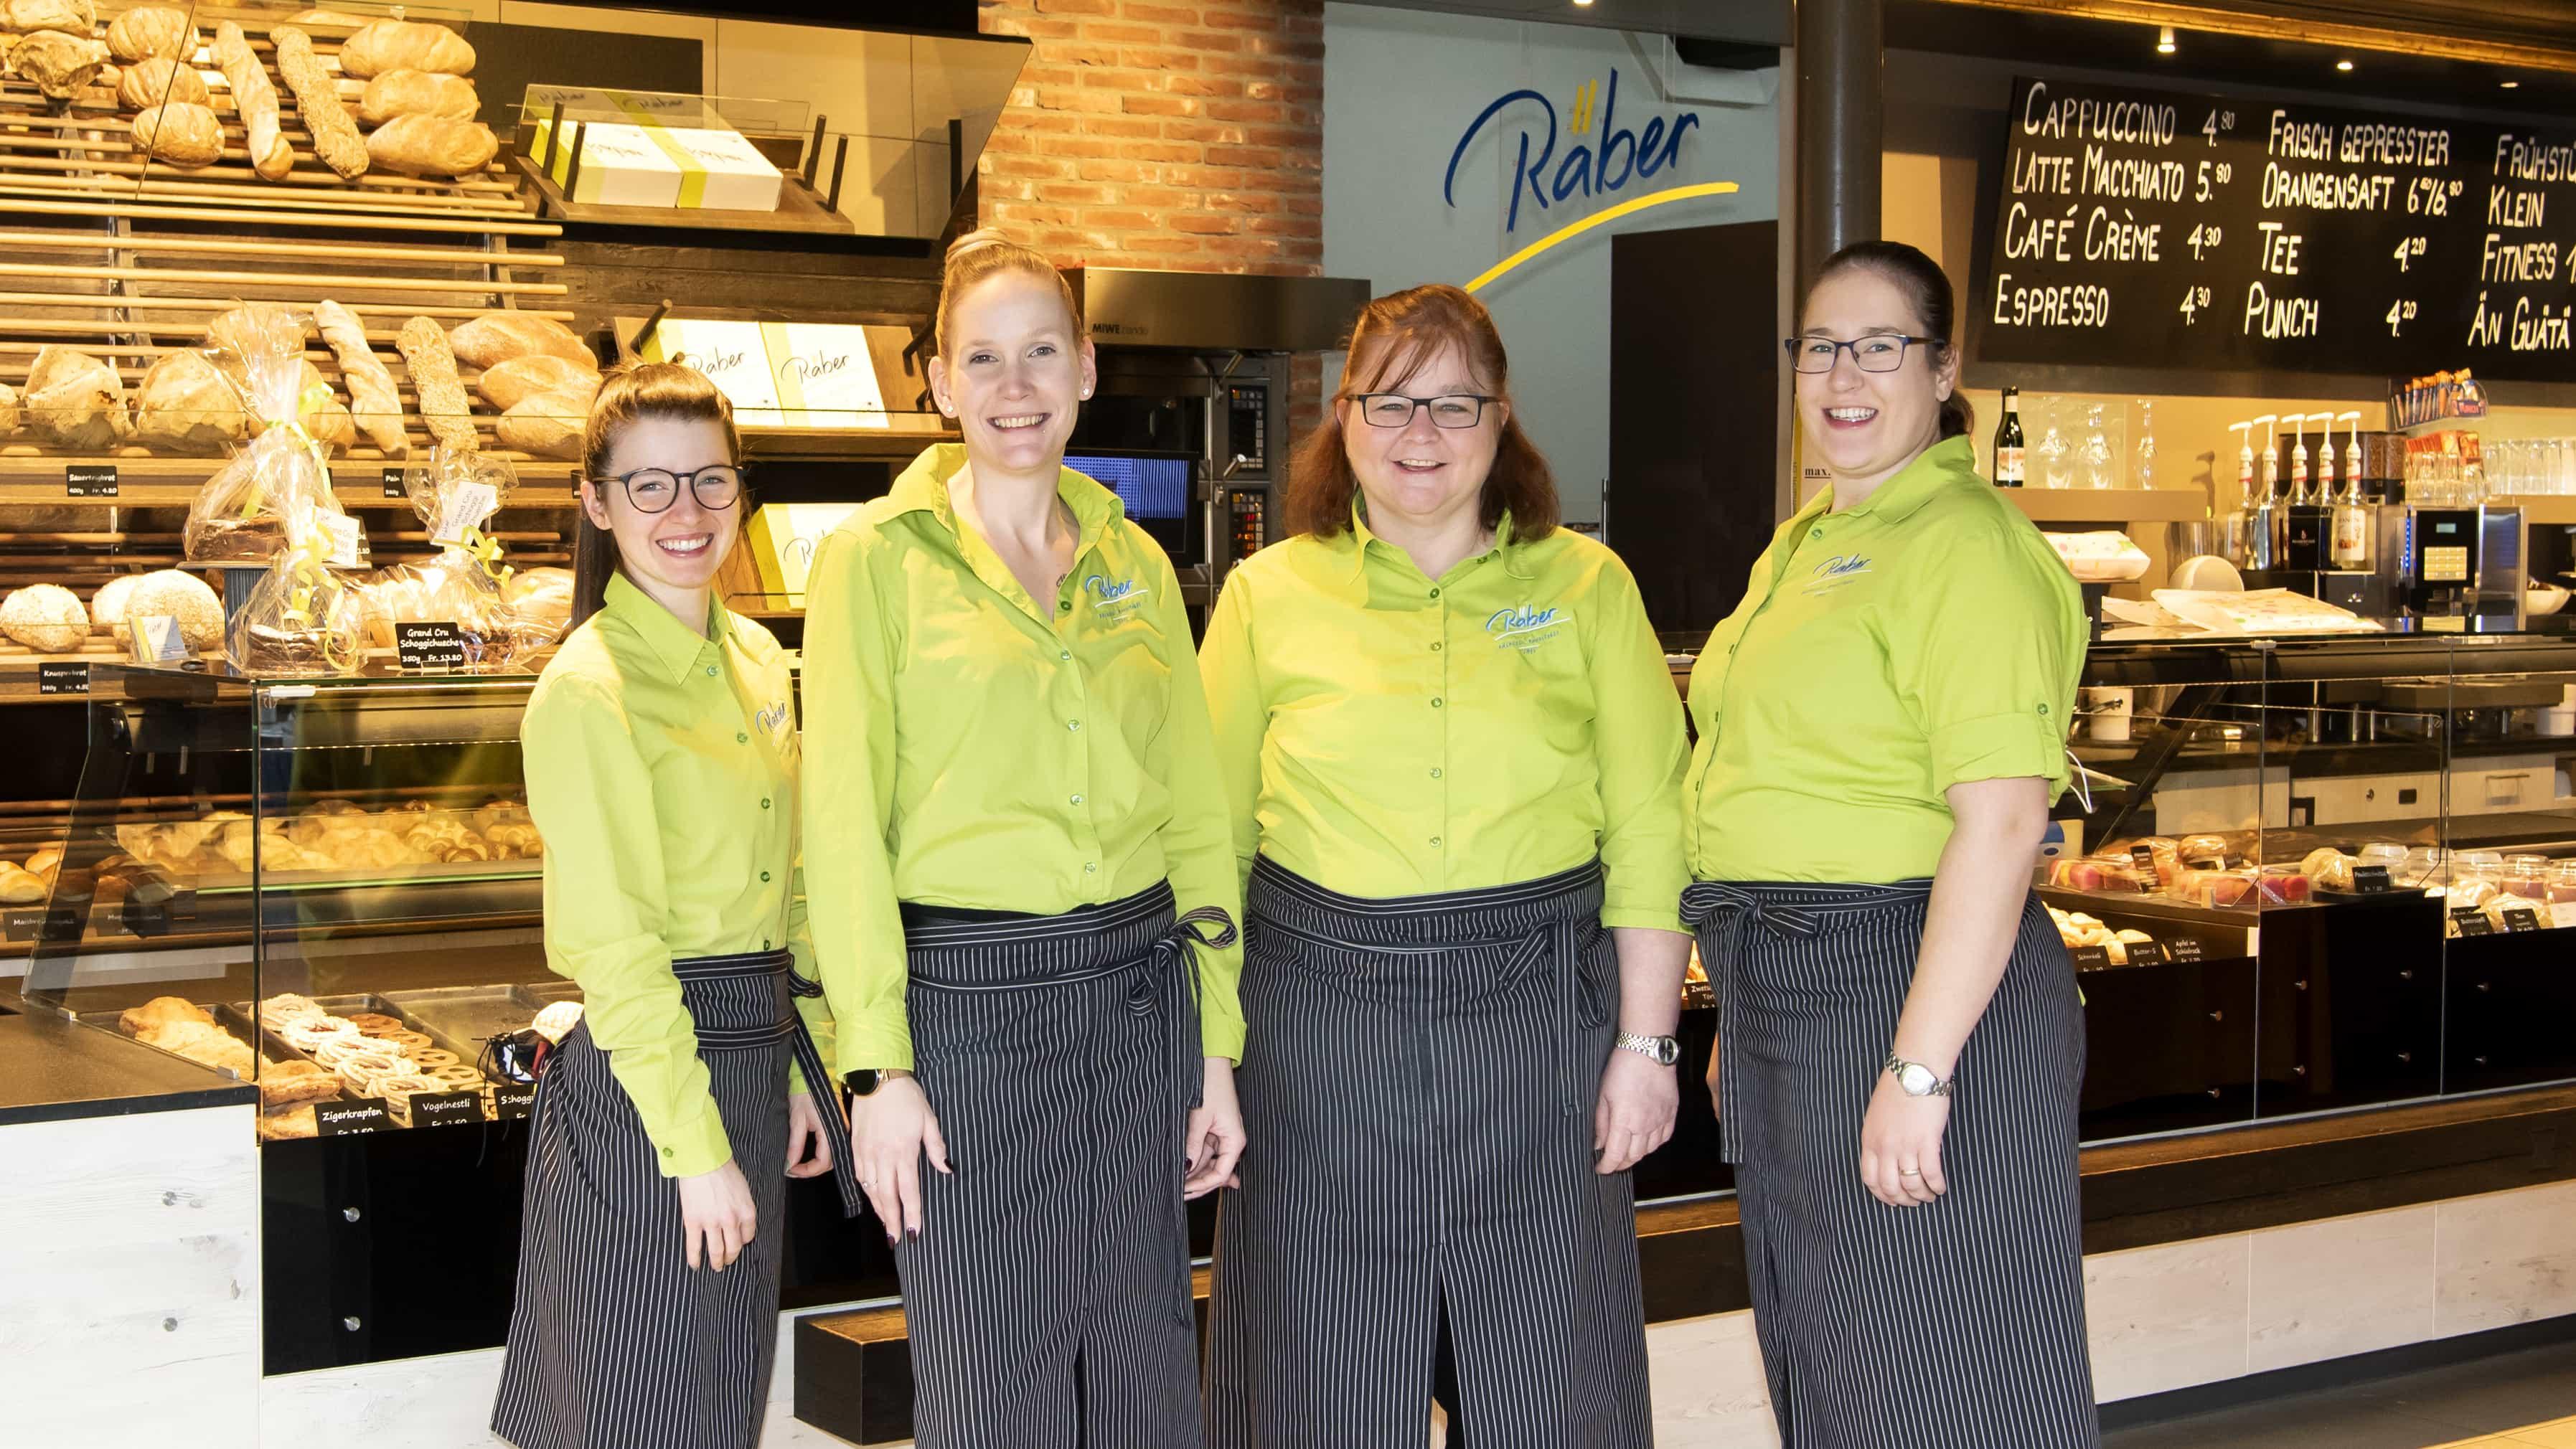 Teamfoto der Bedienungen